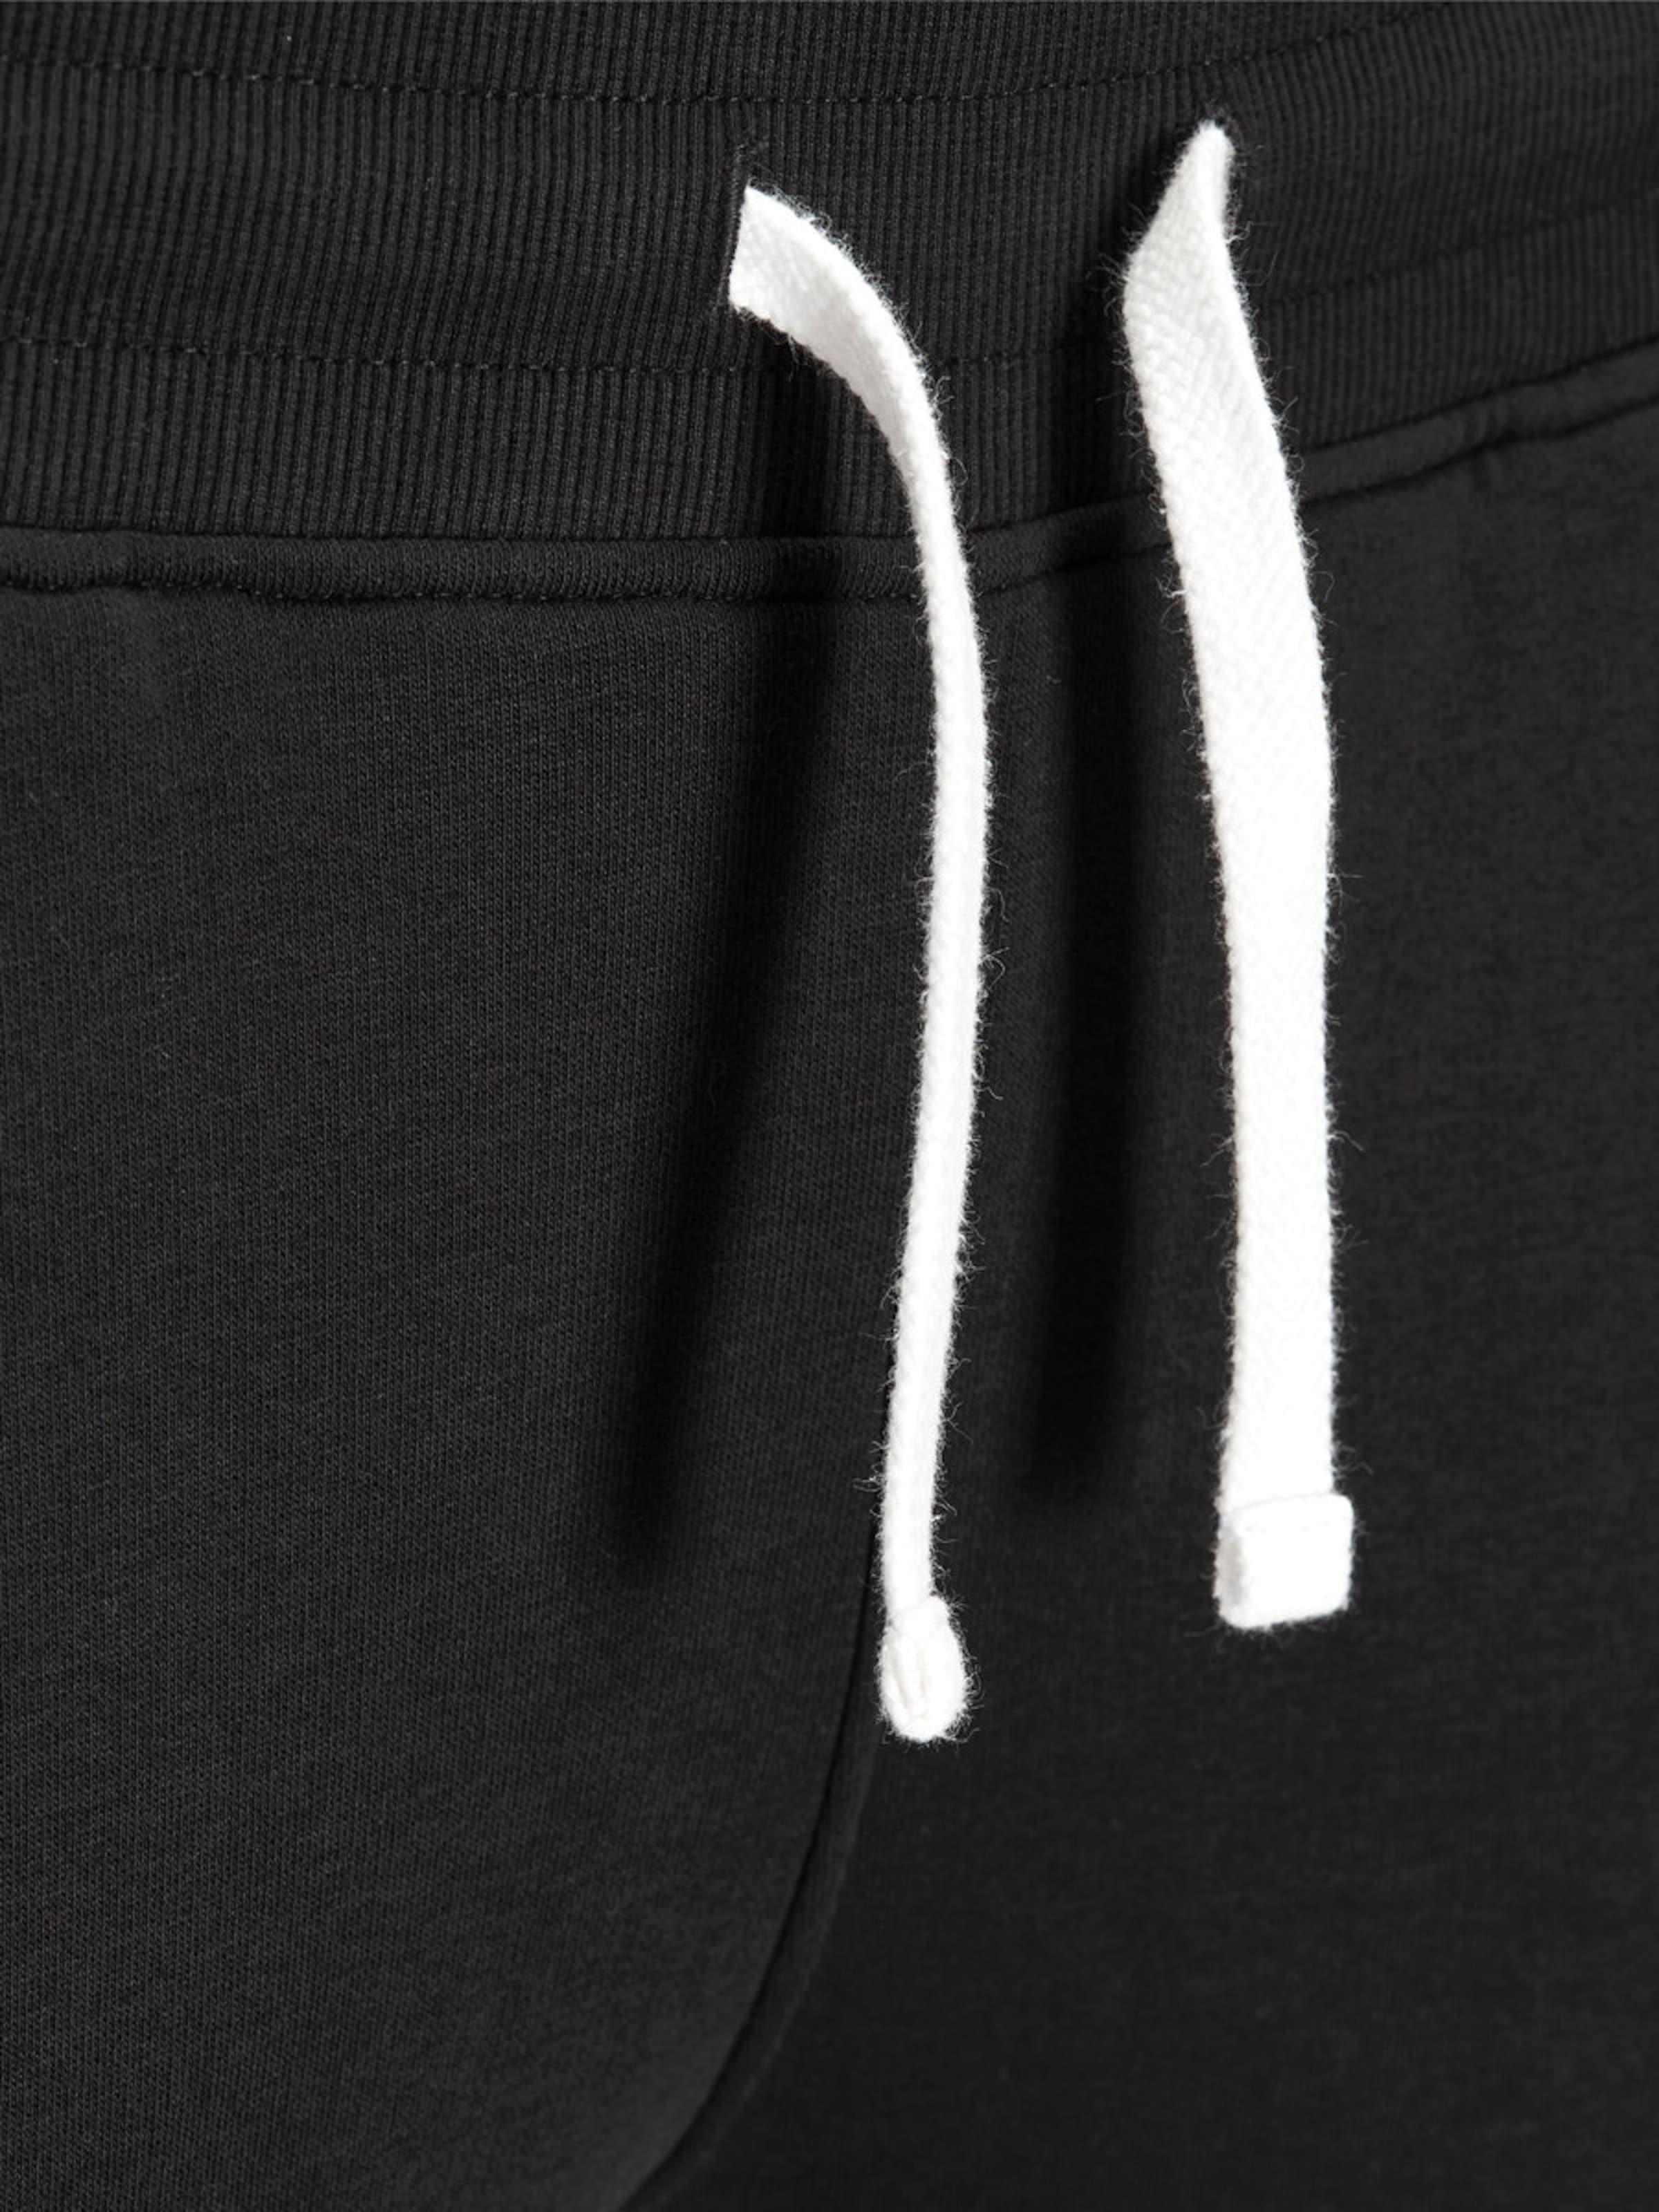 Produkt Pantalon Pantalon Produkt Produkt Pantalon NoirBlanc En En NoirBlanc wP8k0OnX